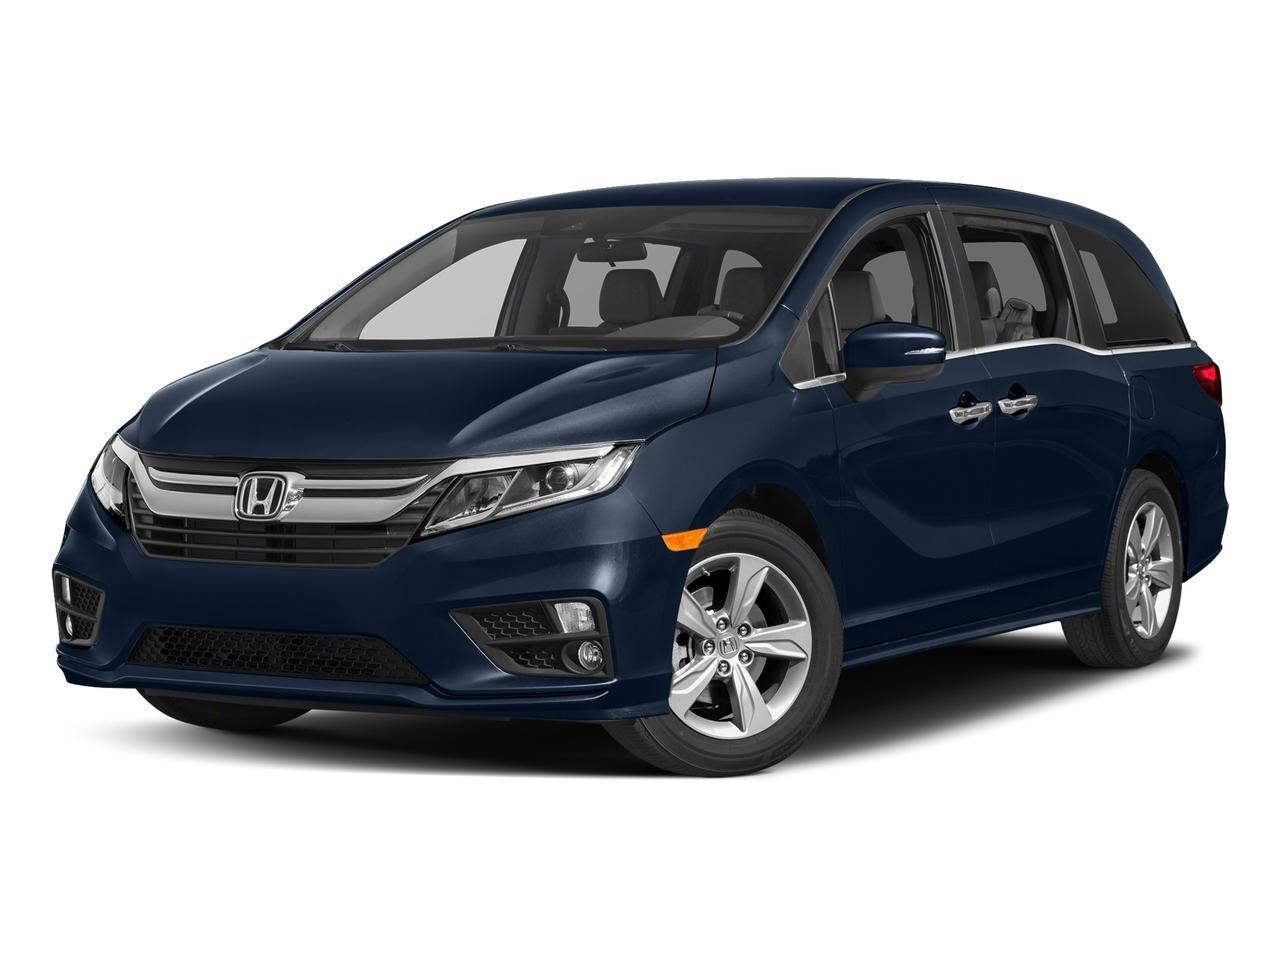 2018 Honda Odyssey Vehicle Photo in Pittsburg, CA 94565